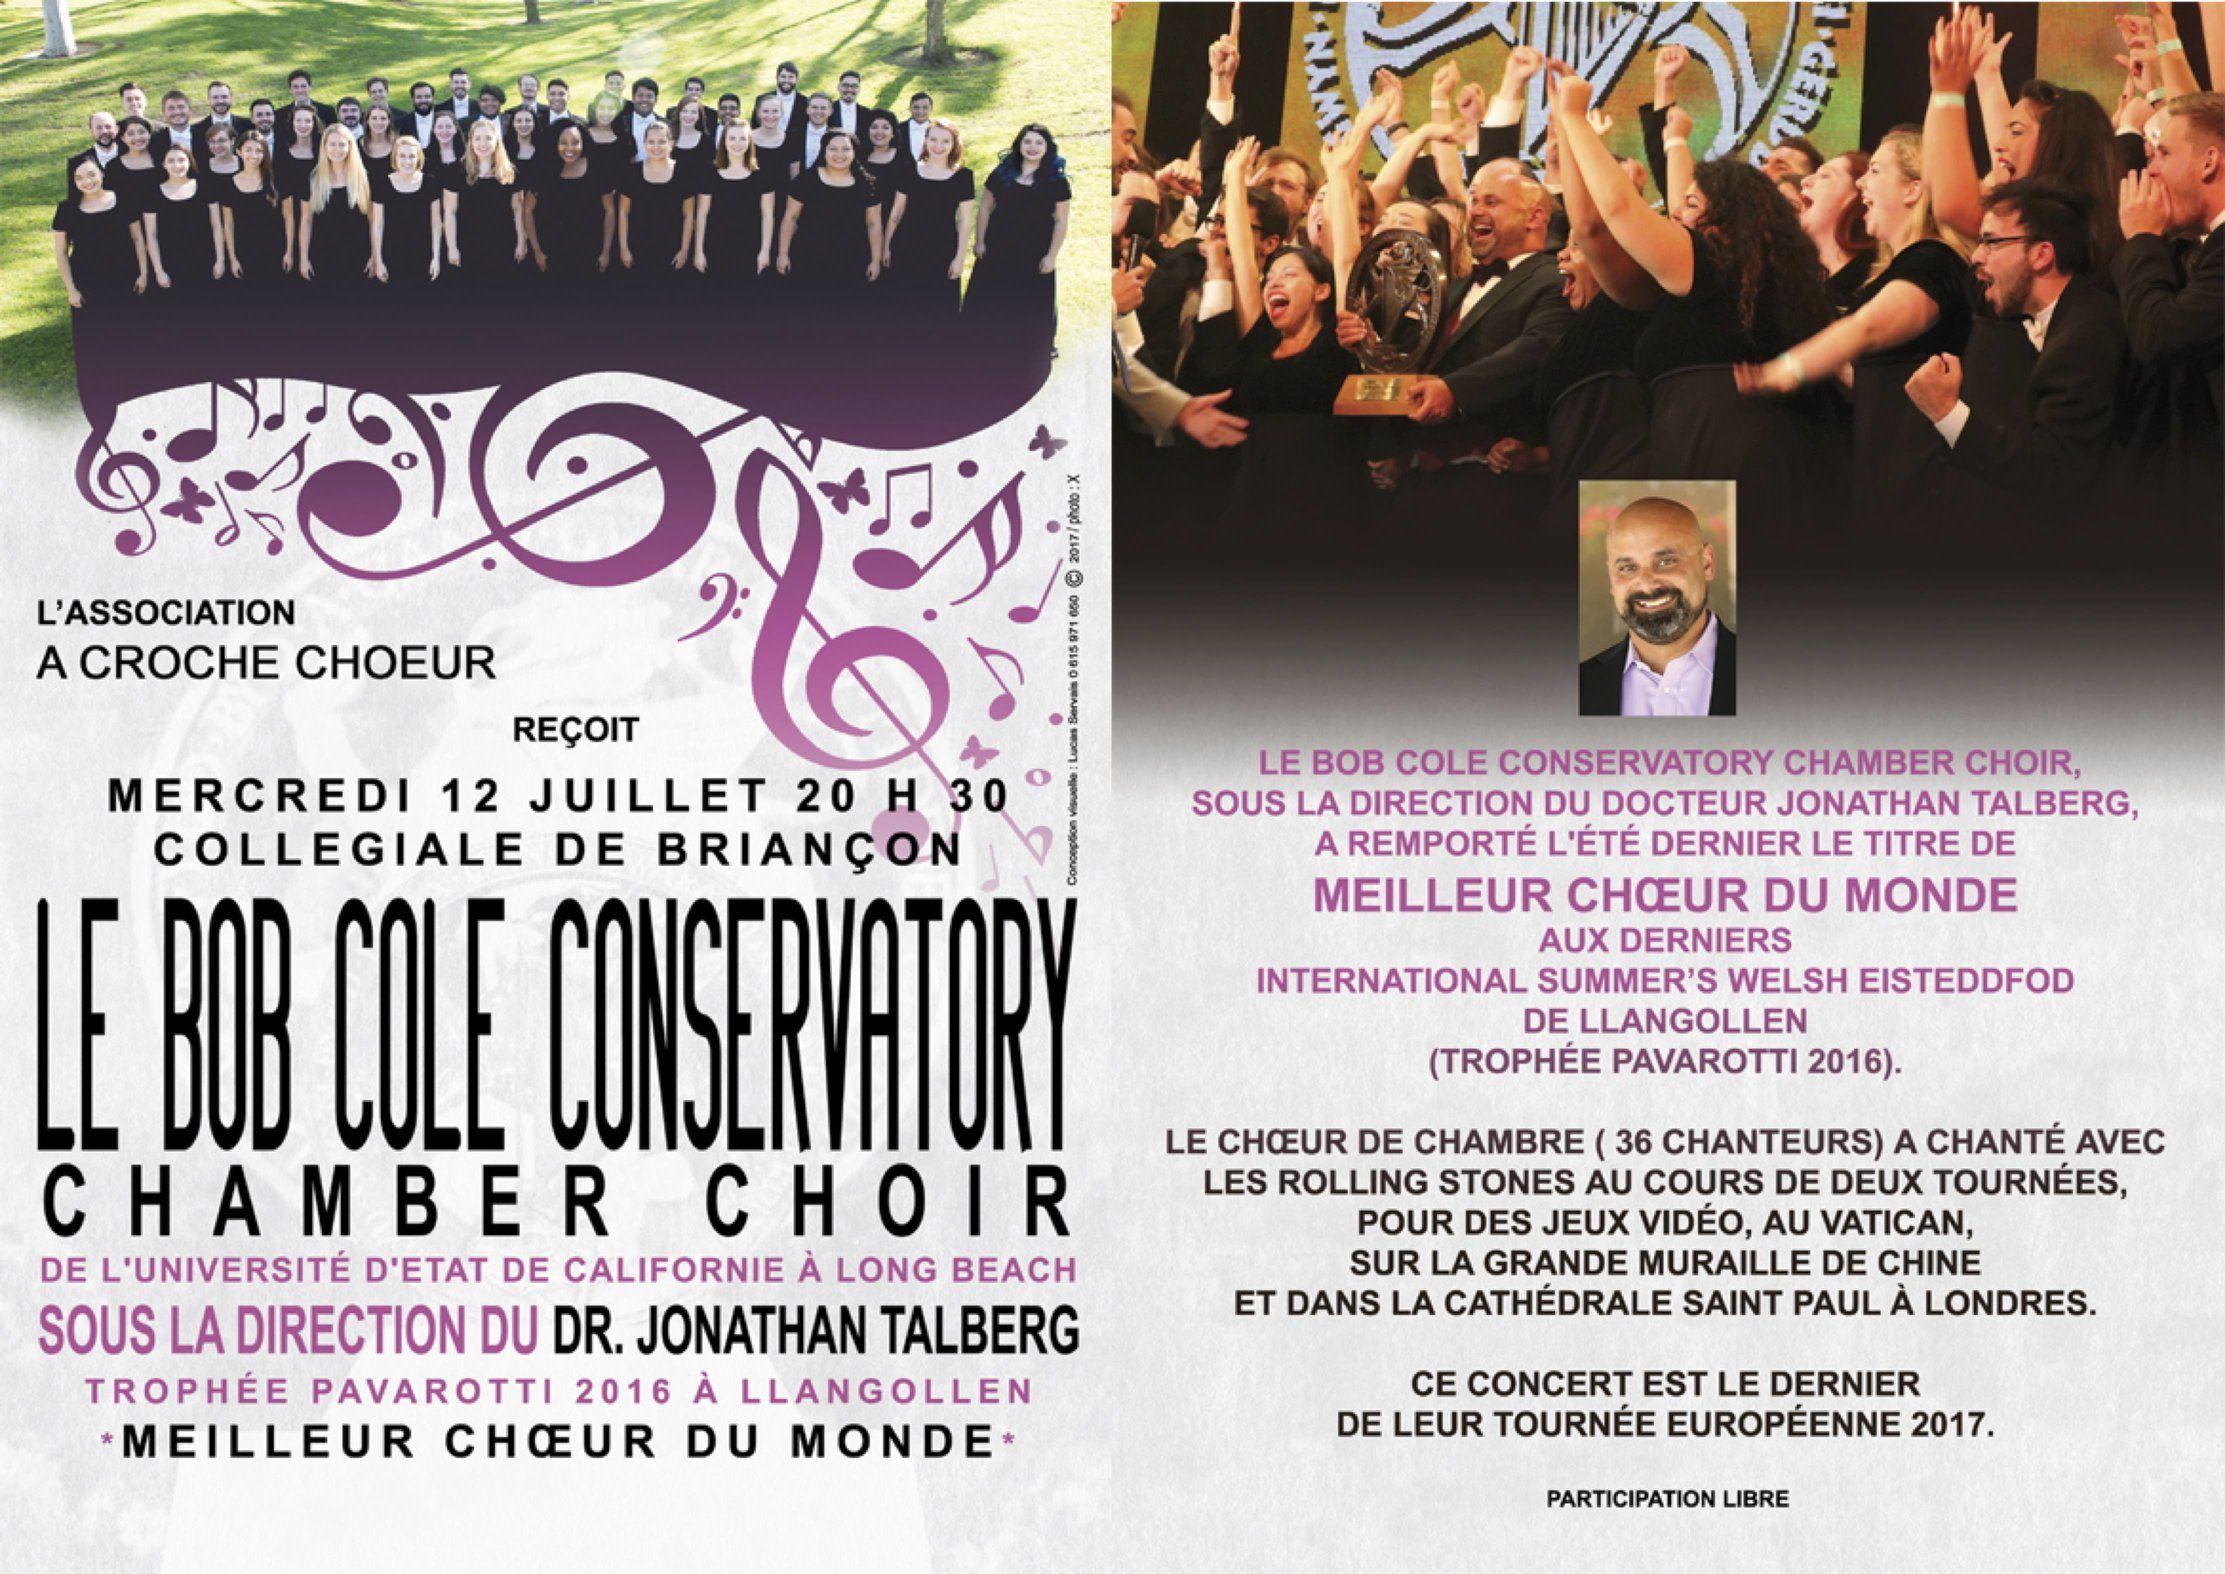 Le Bob Cole Conservatory en concert mercredi 12 ! 7